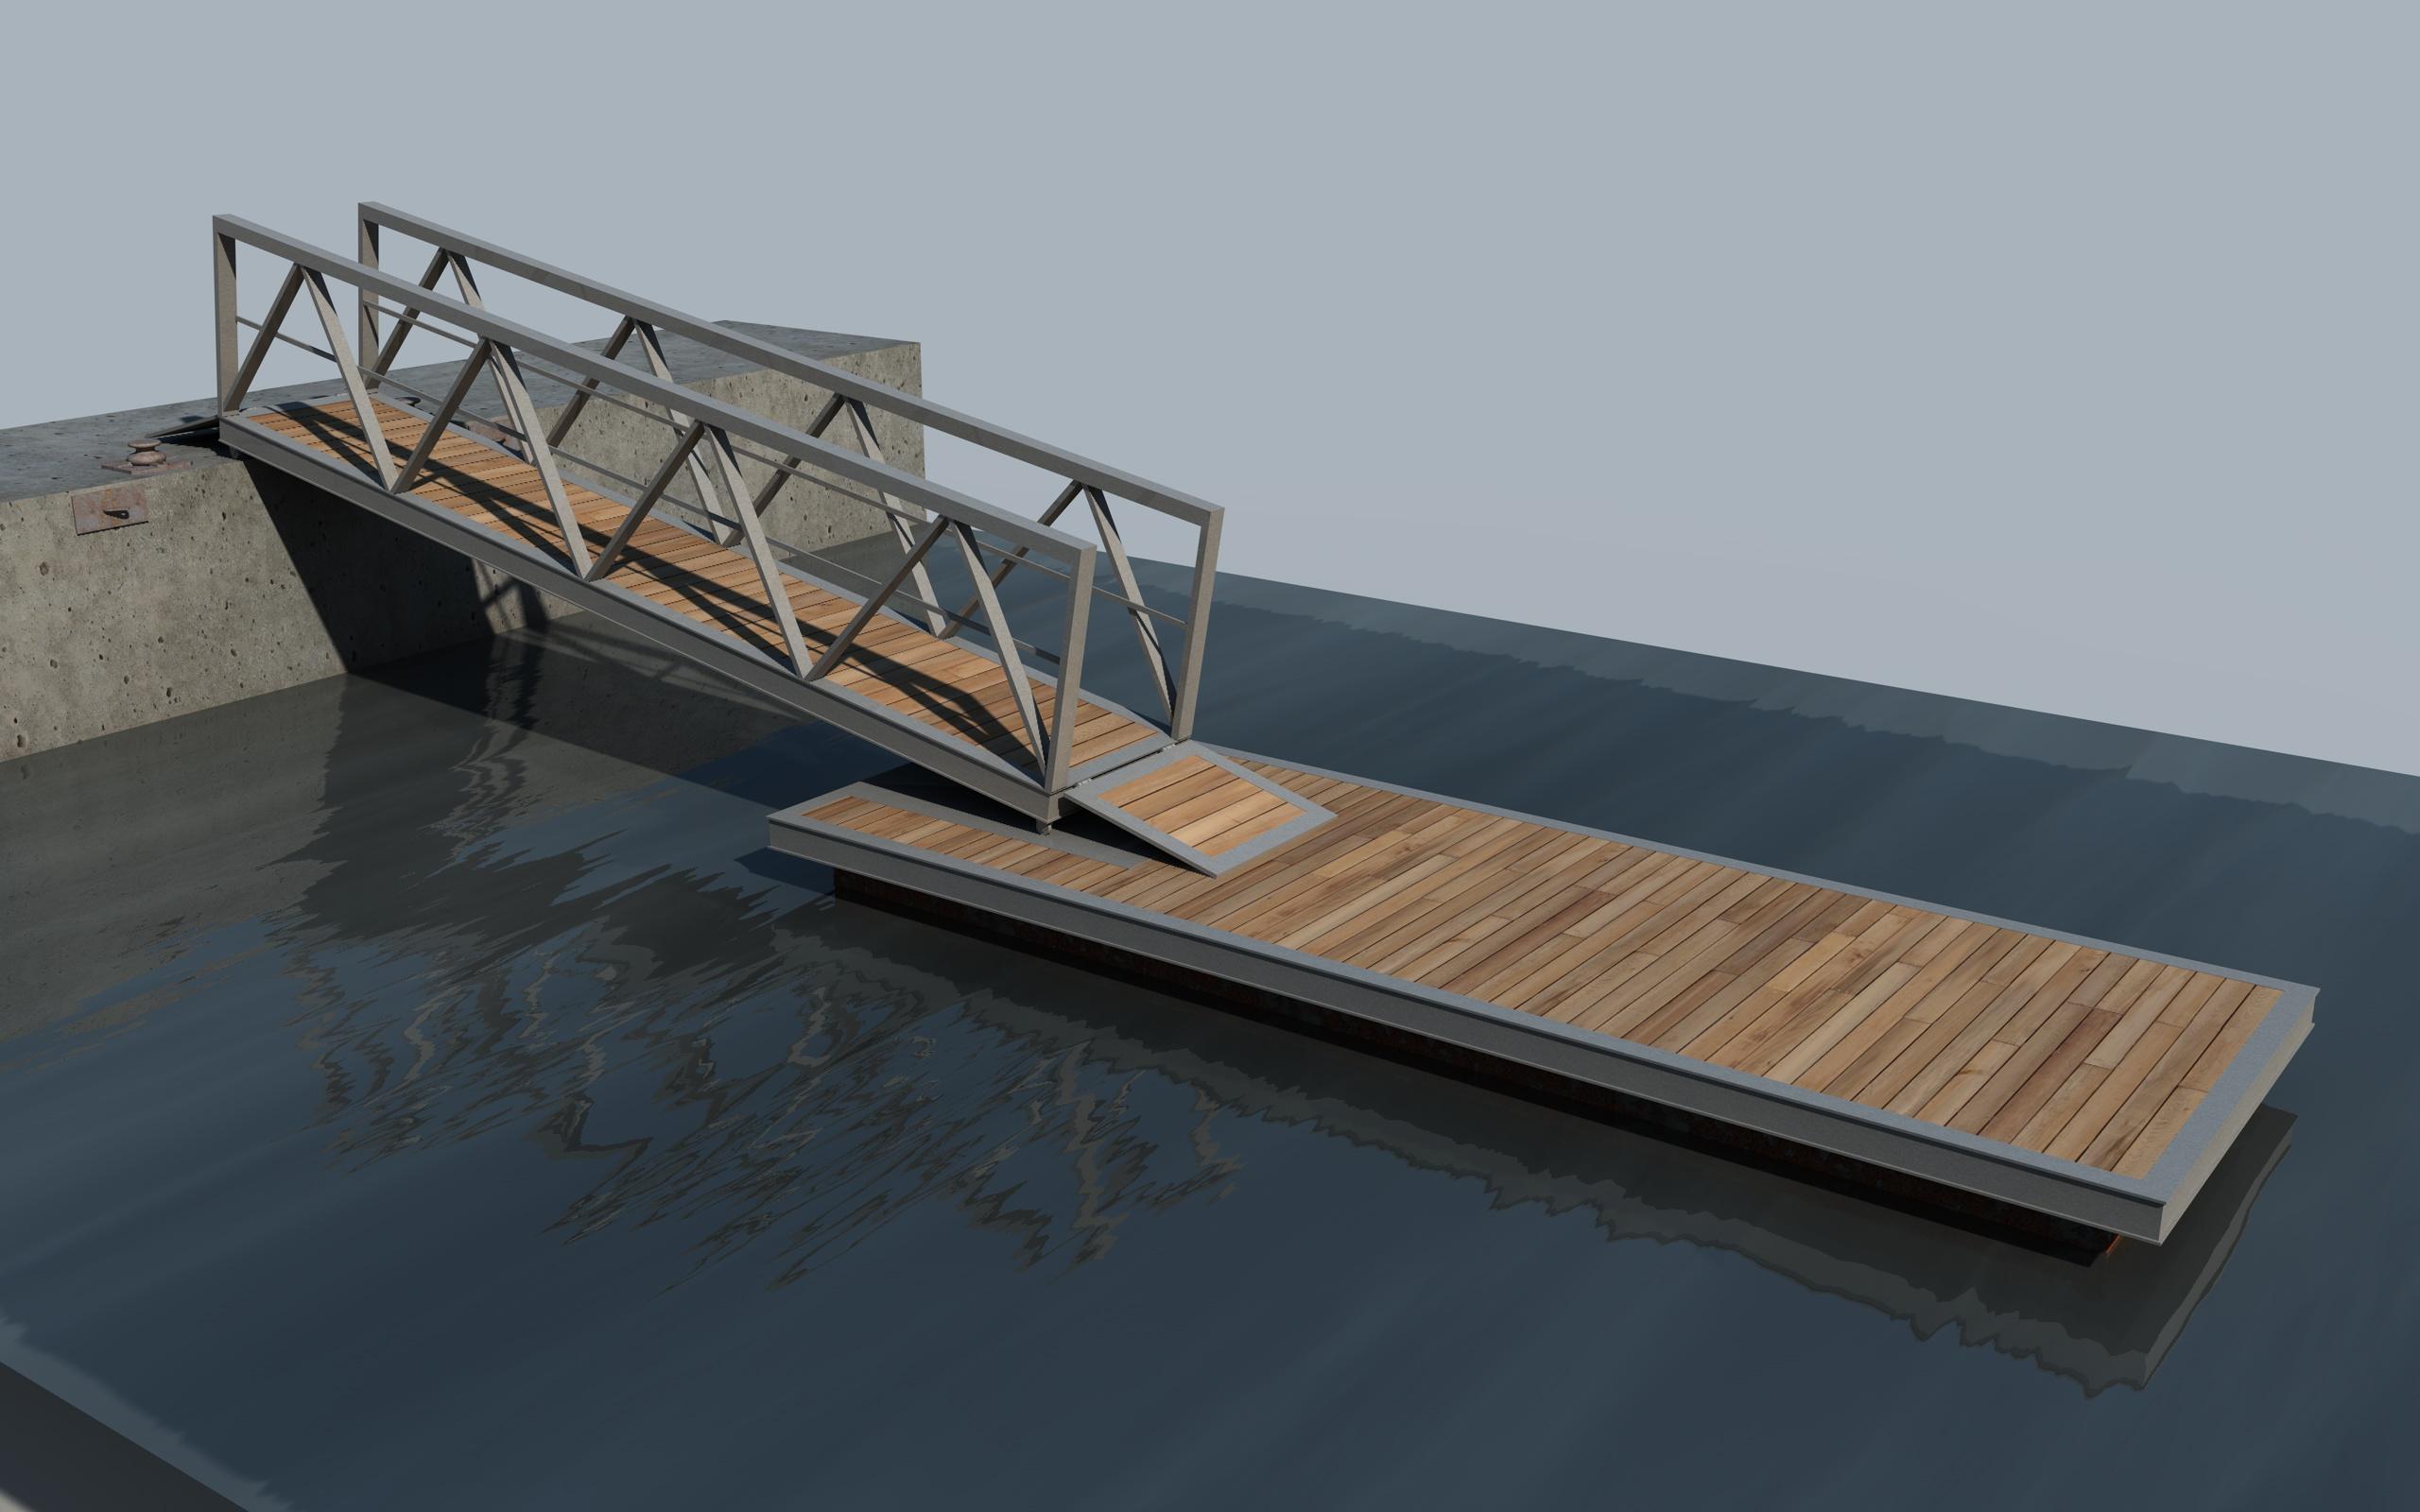 boat pier dock 3d model 3ds dxf fbx c4d skp obj 148415